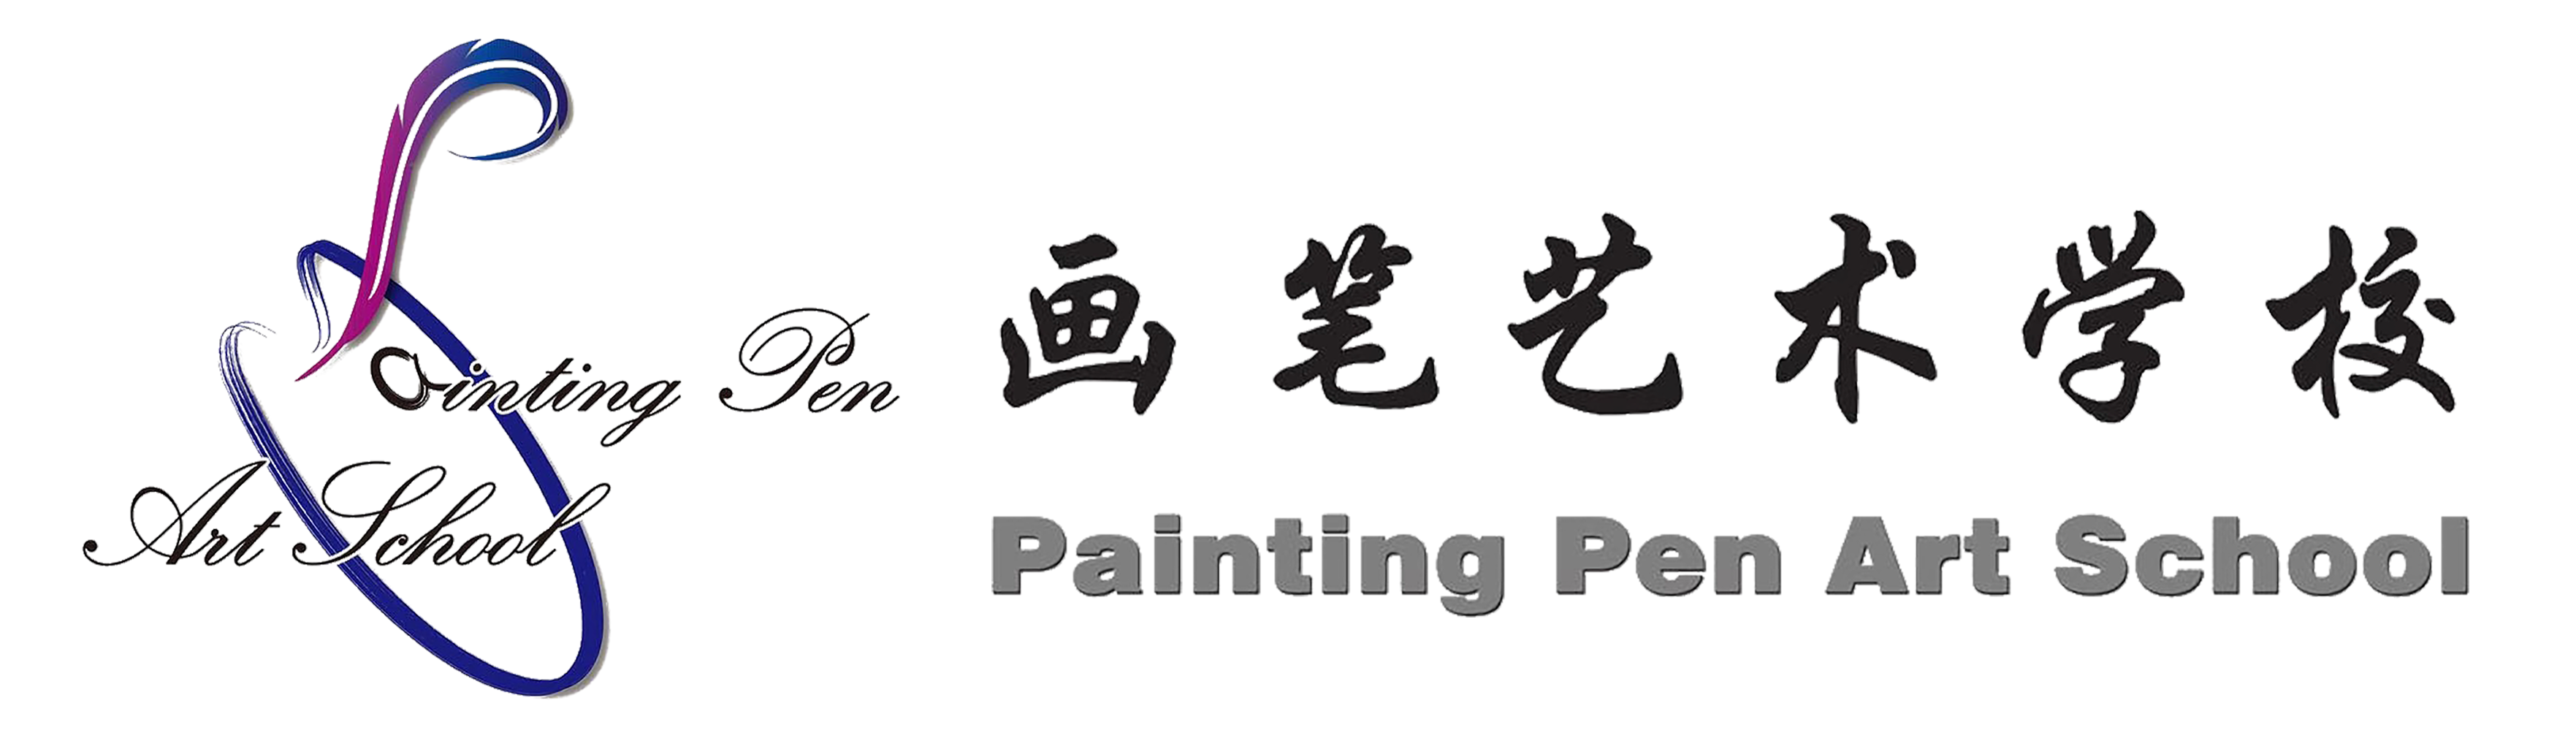 Painting Pen Art School